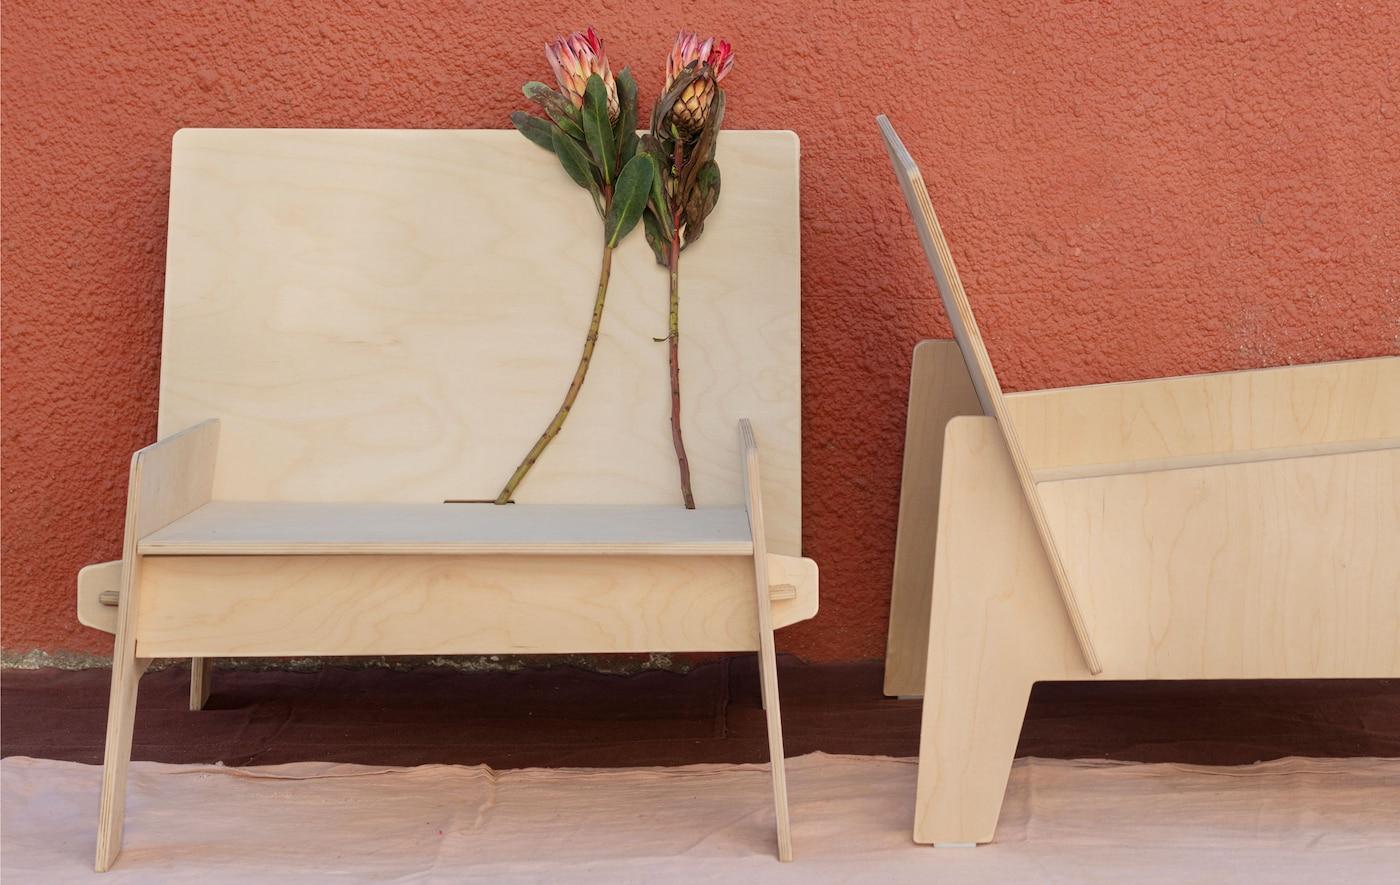 Zwei niedrige, breite Sperrholzmöbel, im rechten Winkel zueinander platziert